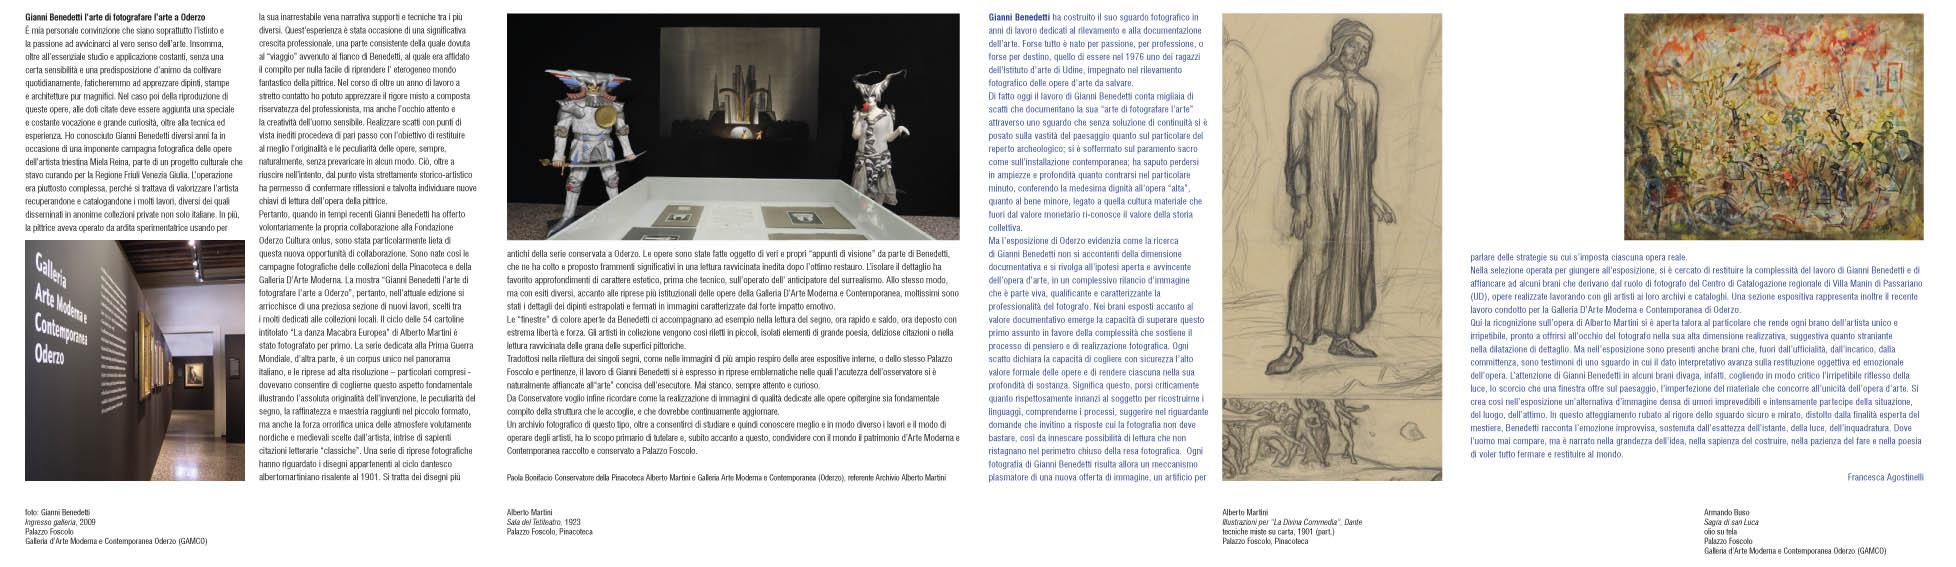 Gianni Benedetti: L'Arte di fotografare l'Arte, Oderzo